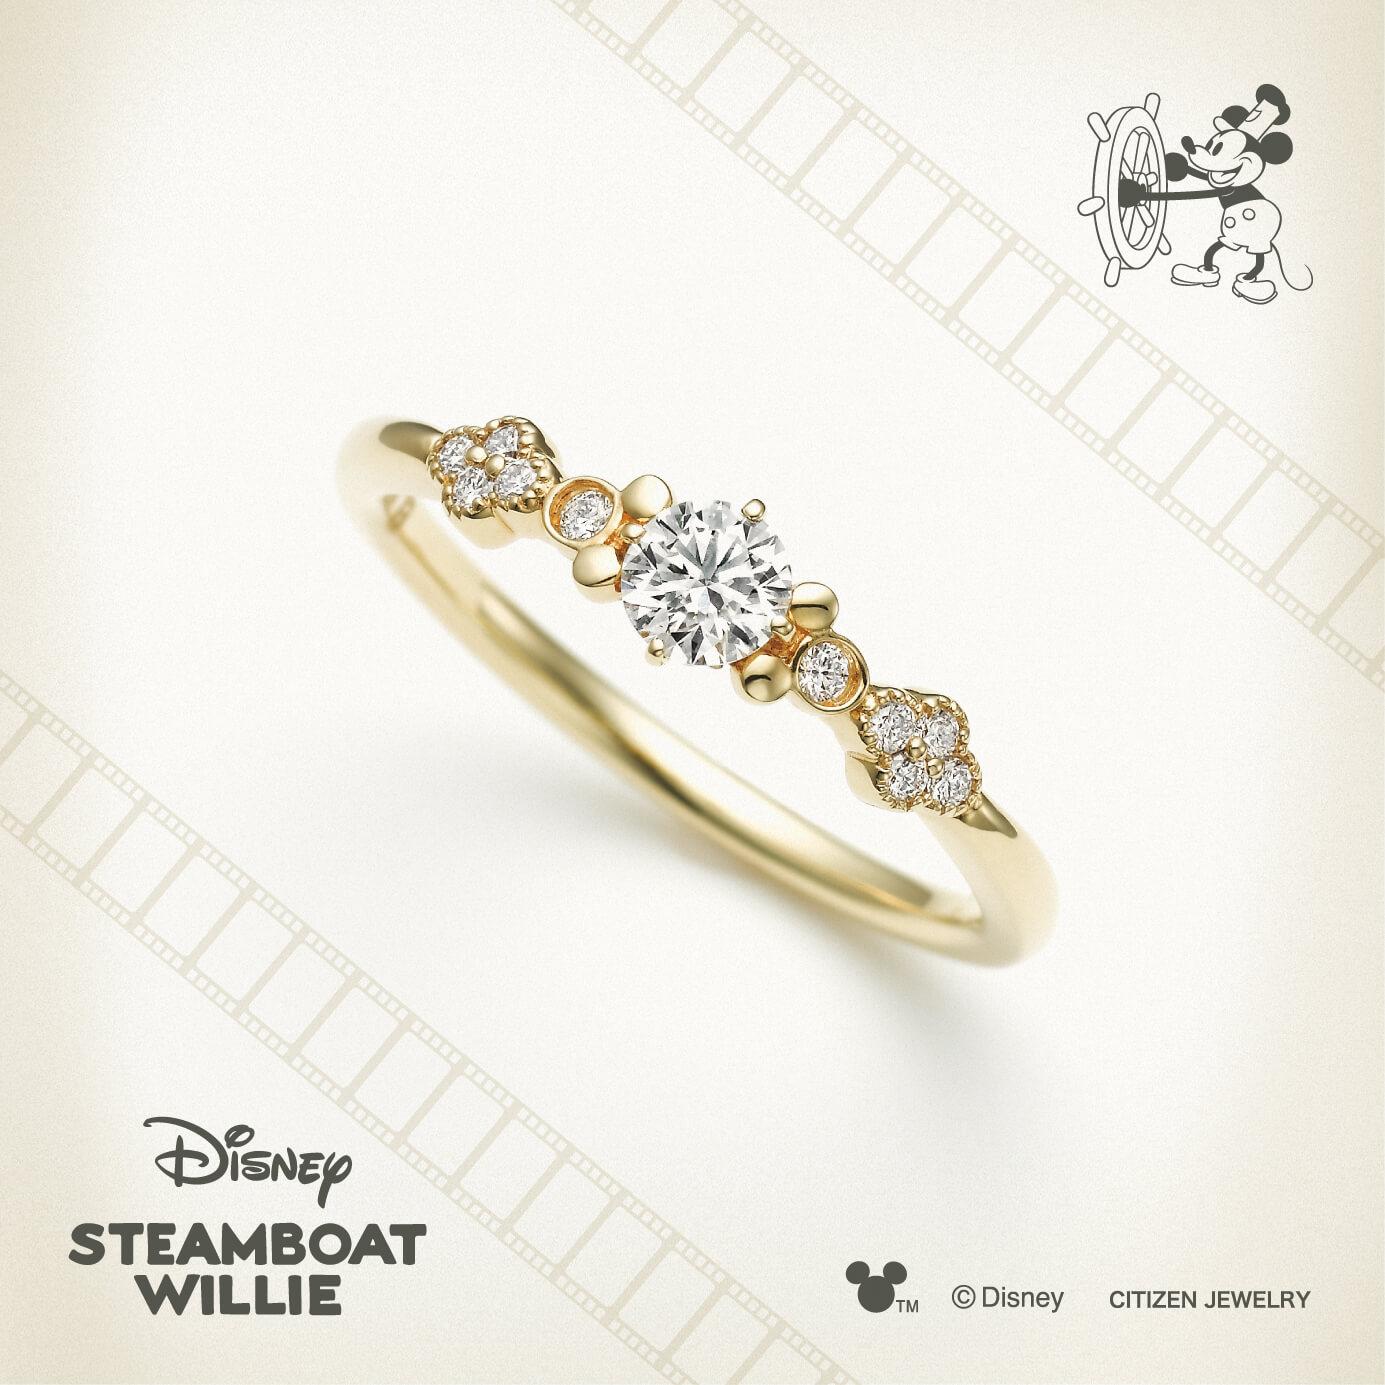 銀座・柏・直方の婚約指輪Disney STEAMBOAT WILLIE(ディズニースチームボートウィリー)_01